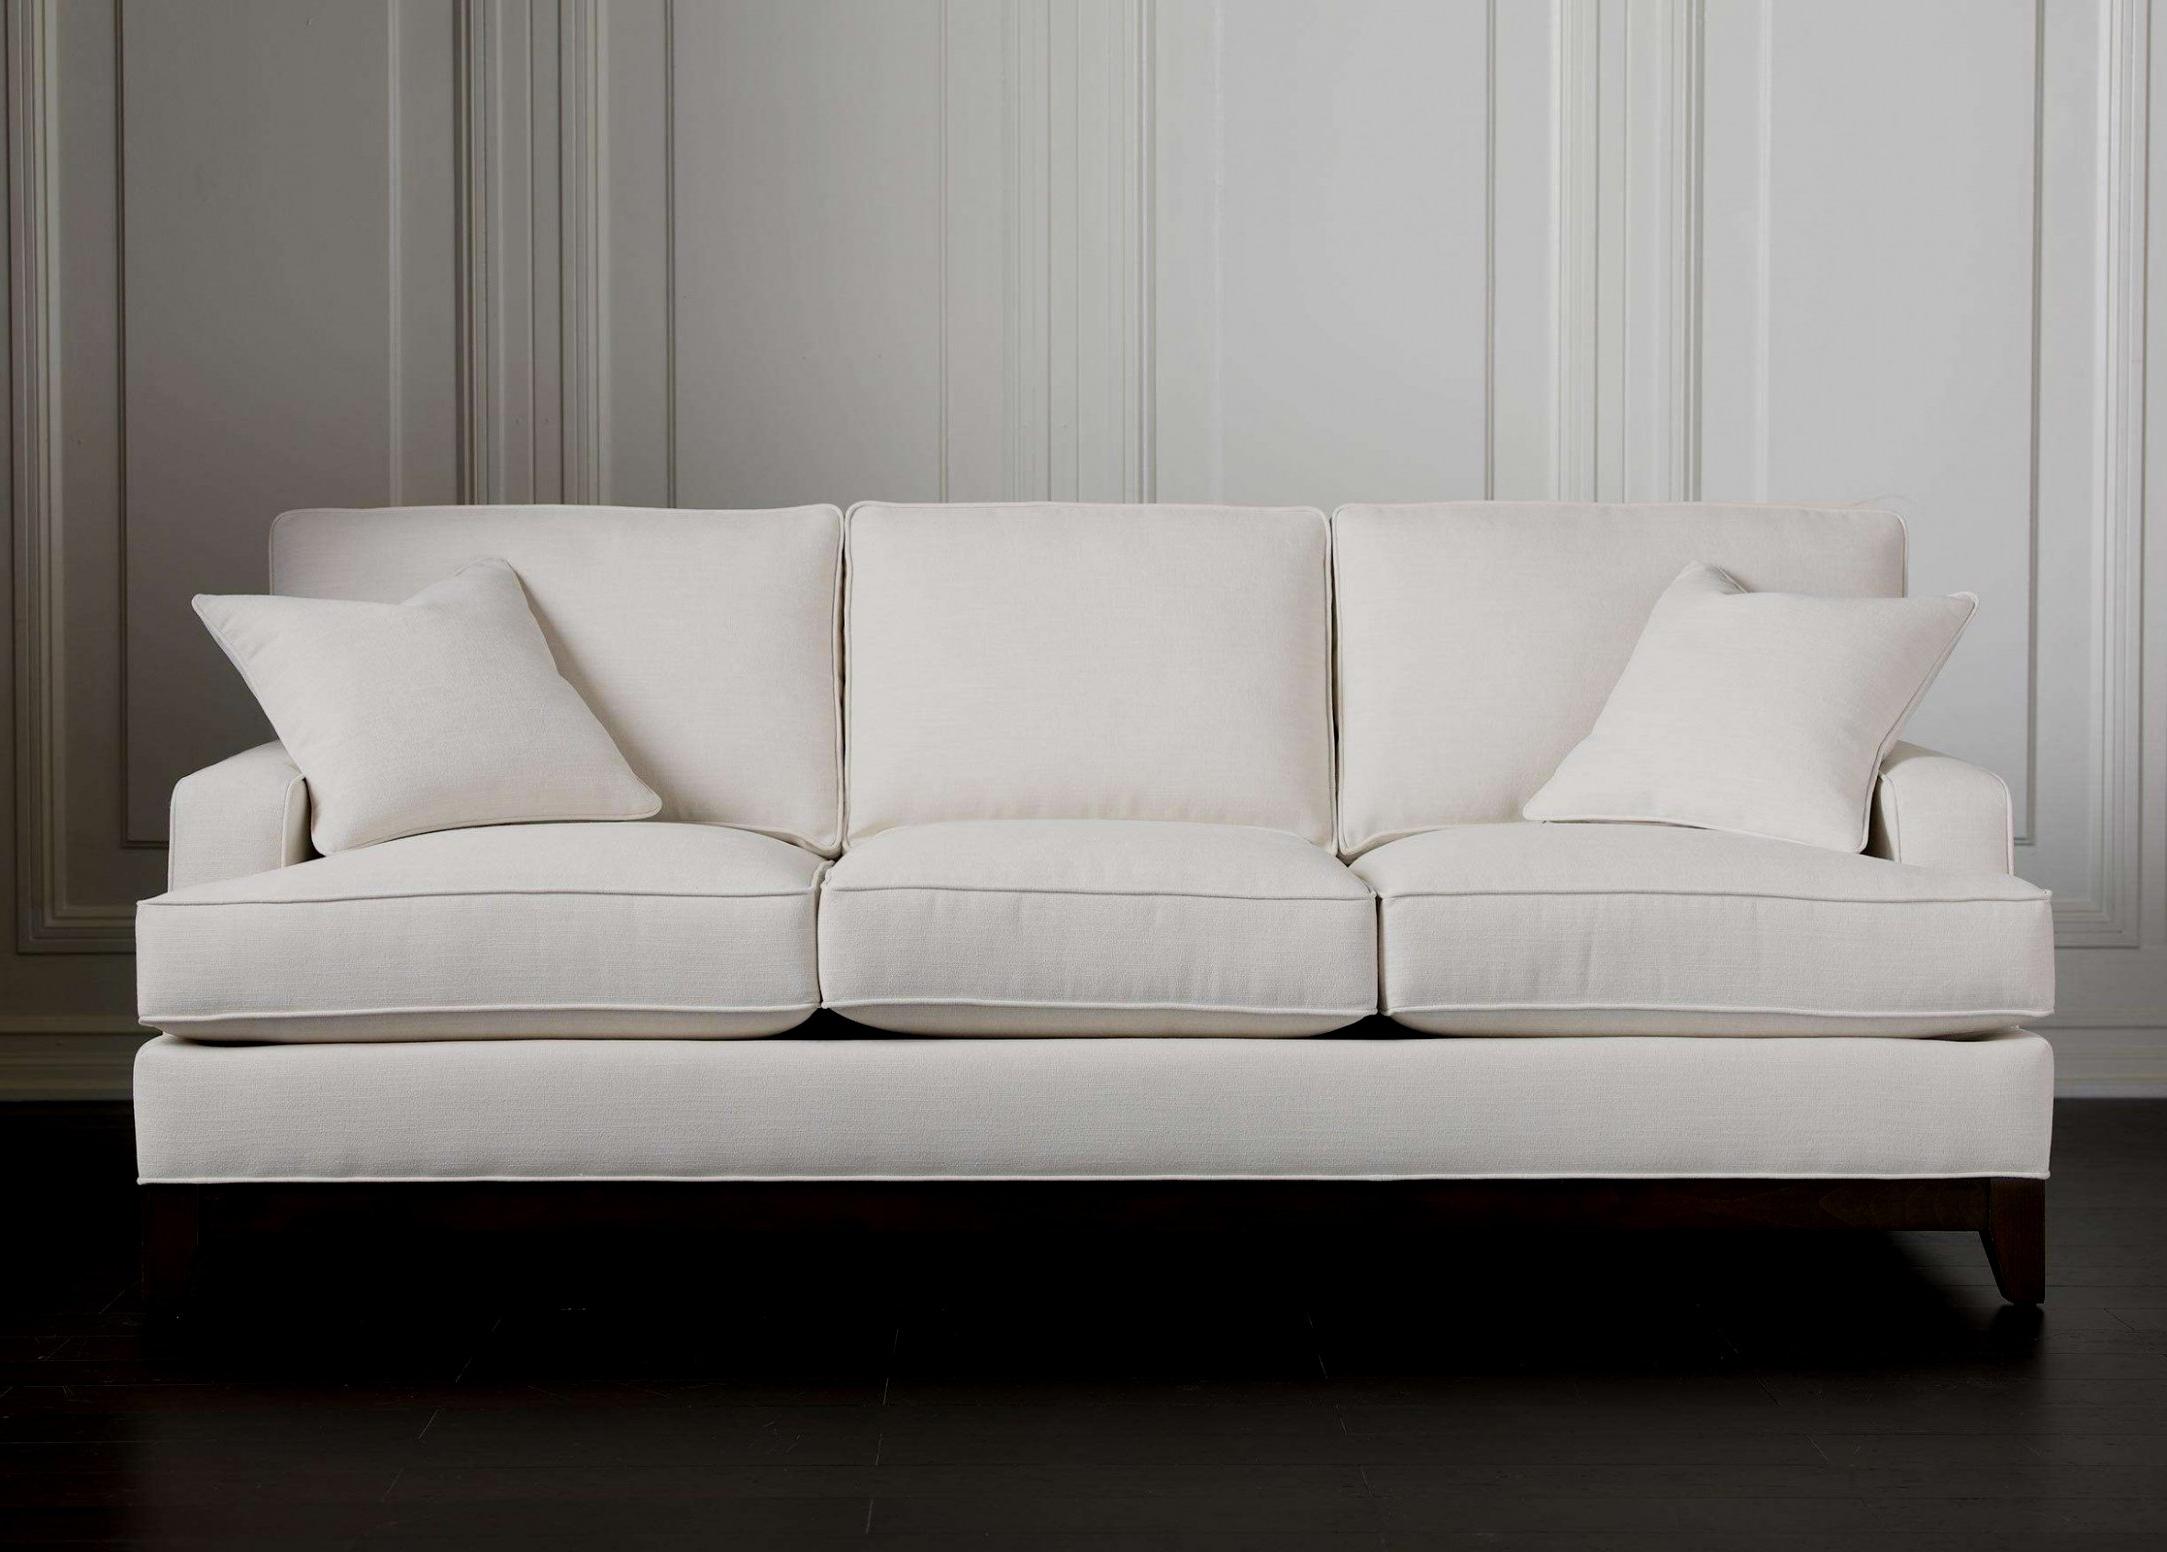 Sofas Ocasion Y7du sofas De Ocasion Bello Mesa De sofa Psicologiaymediacion Busco